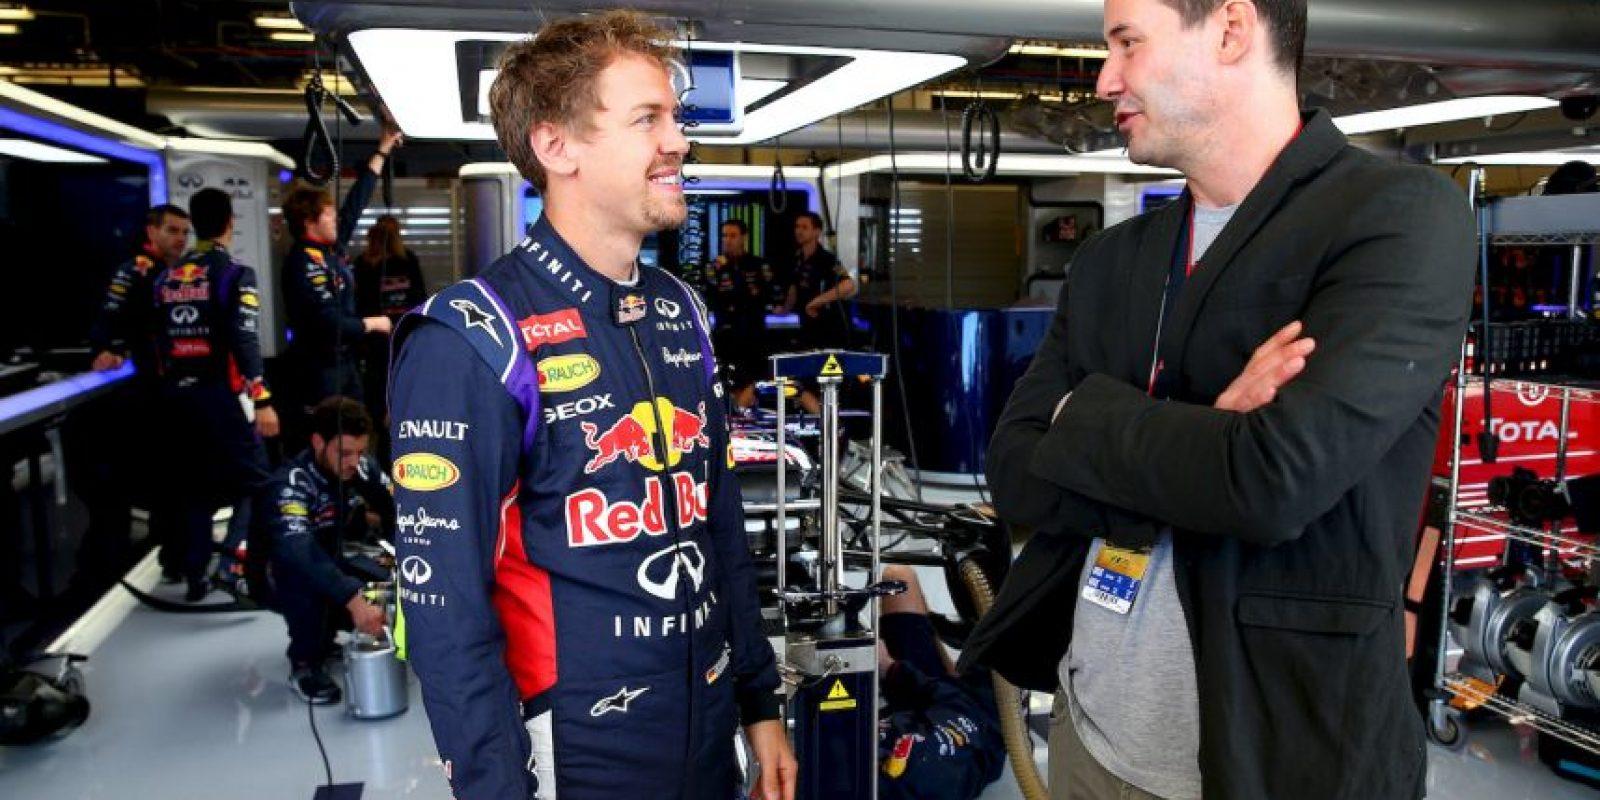 Junto al tetracampeón mundial de F1. el alemán Sebastian Vettel Foto:Getty Images